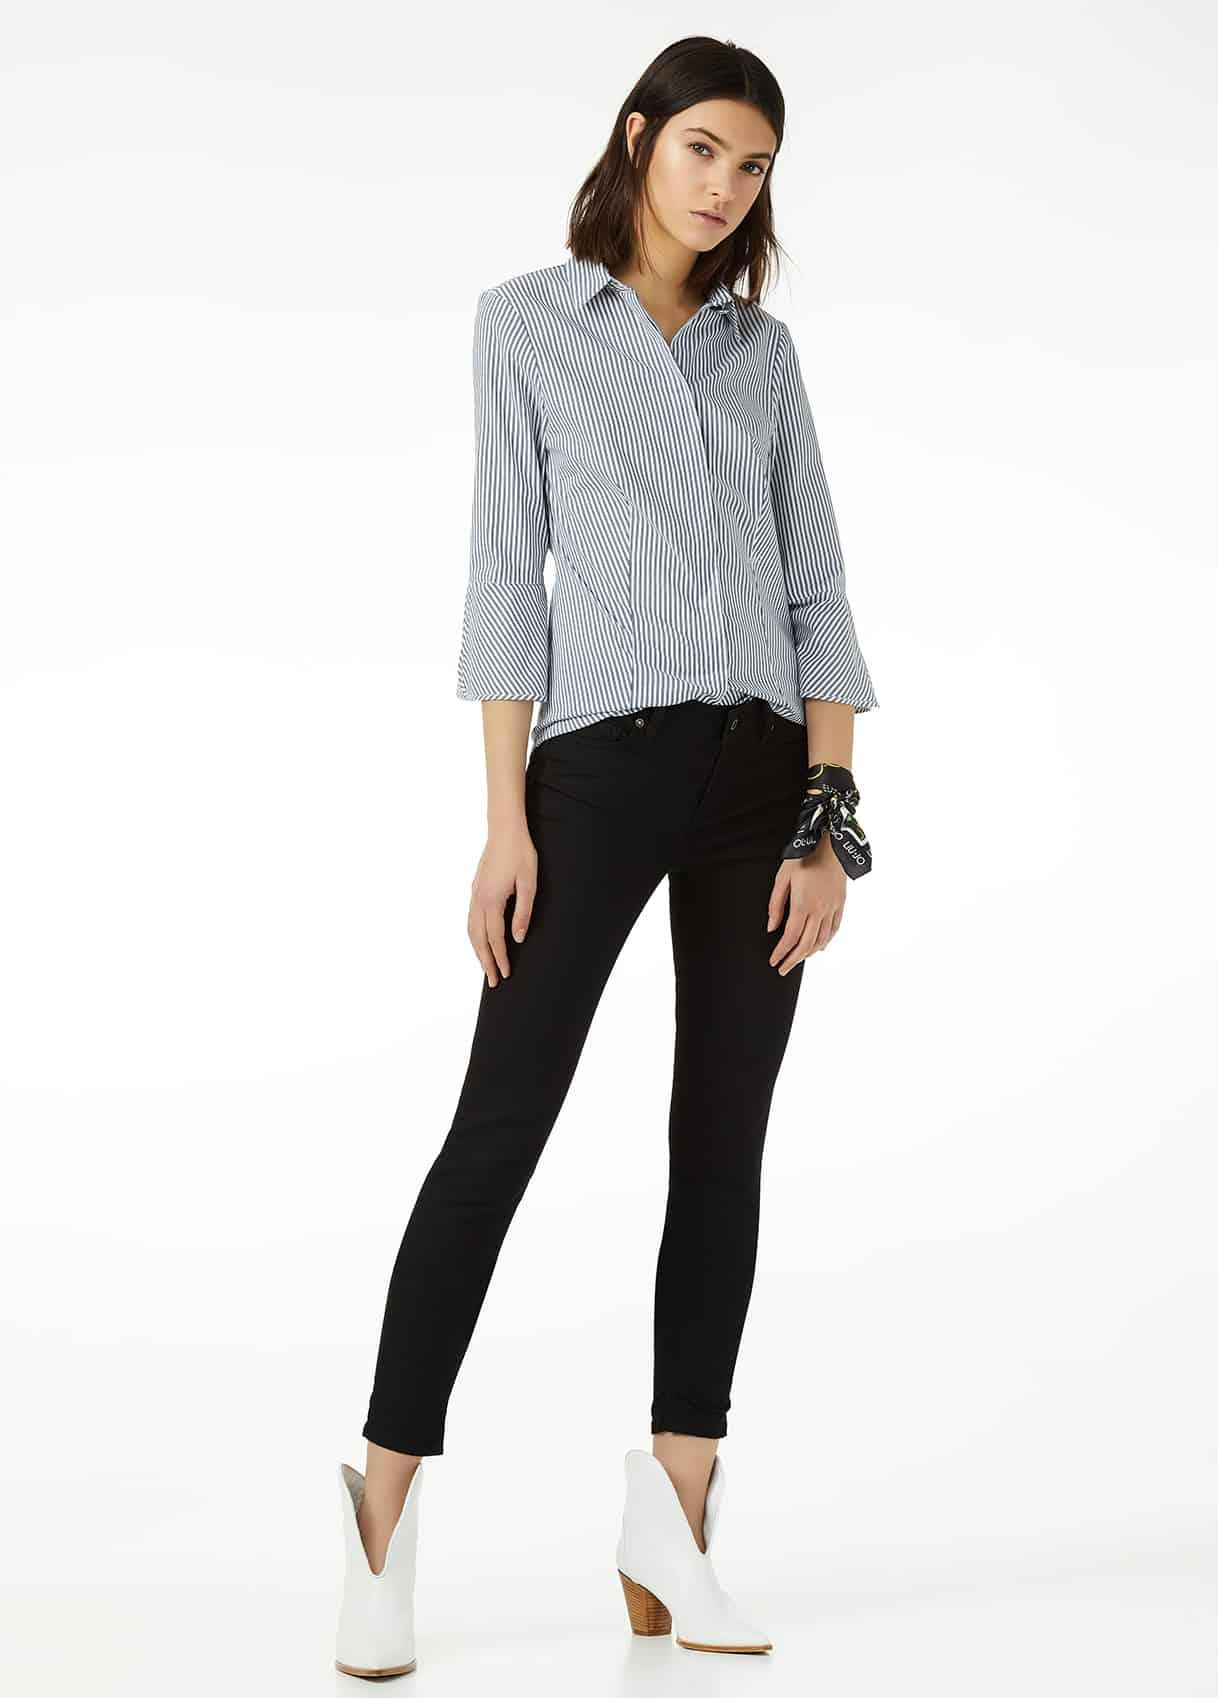 8059599706772-Shirts-blouses-Shirts-W19155T5448B3254-I-AO-N-B-04-N